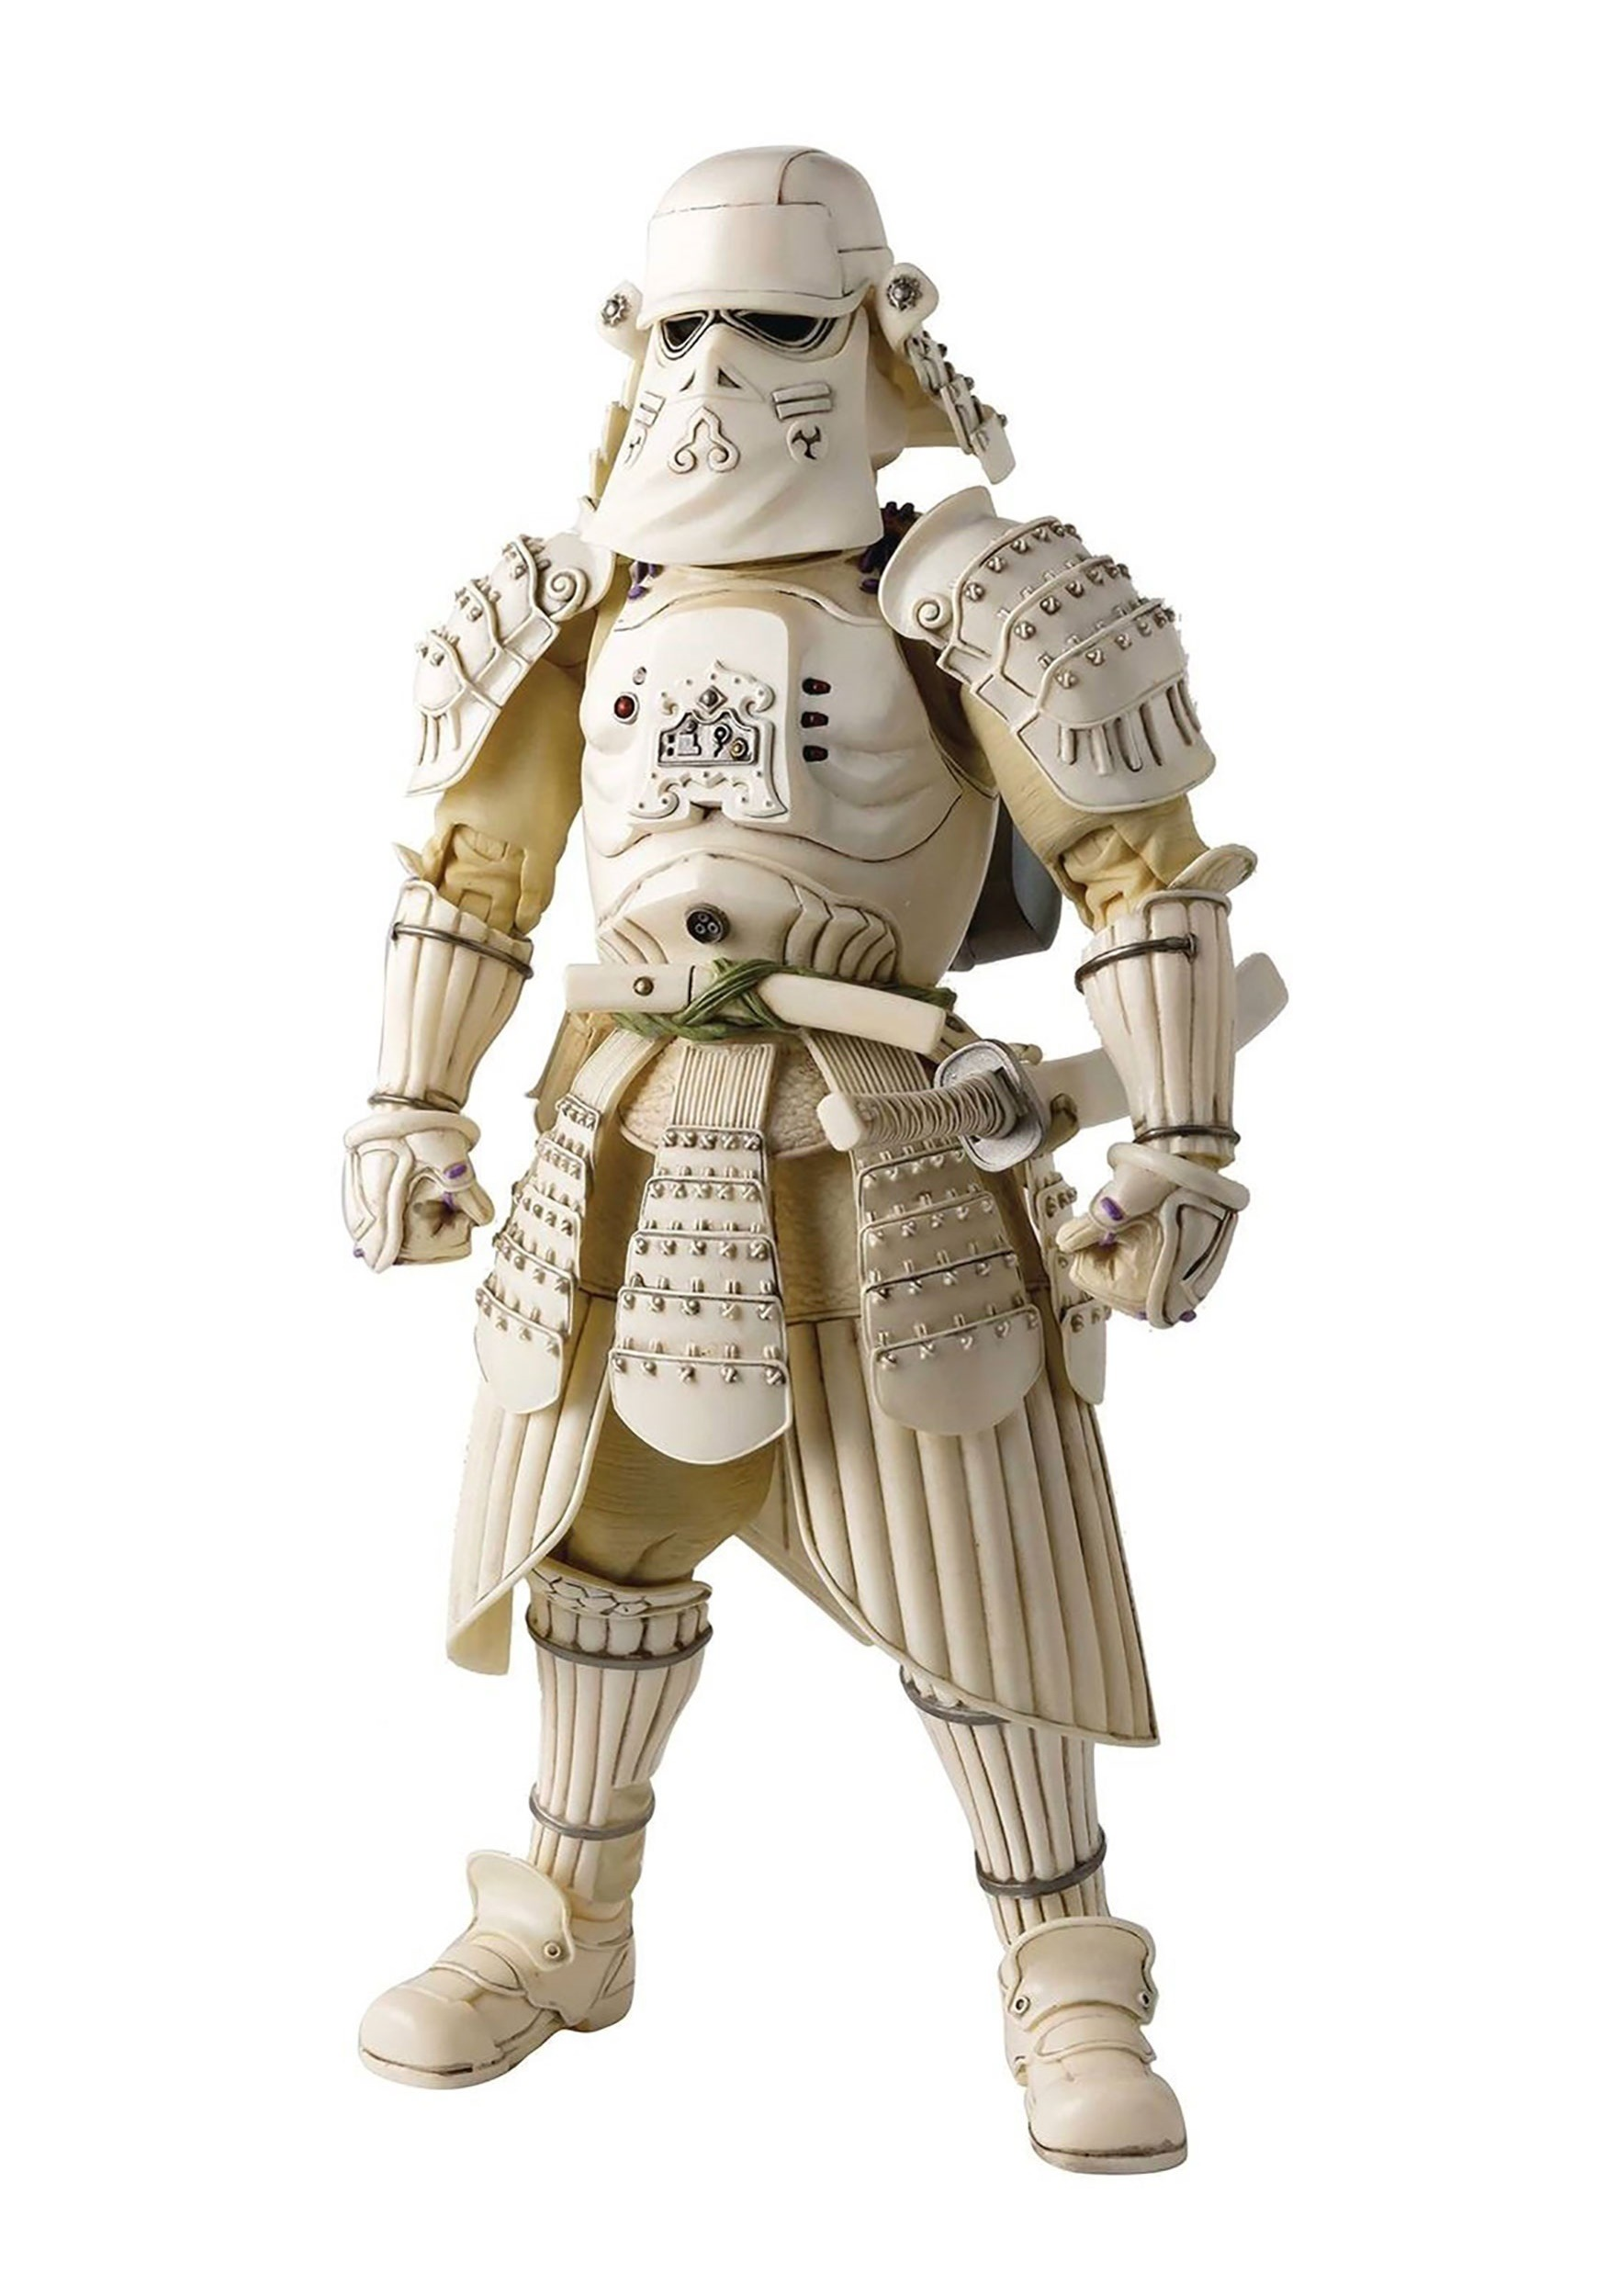 Star_Wars_Snow_Trooper_Kanreichi_Ashigaru_Meisho_Movie_Realization_Action_Figure